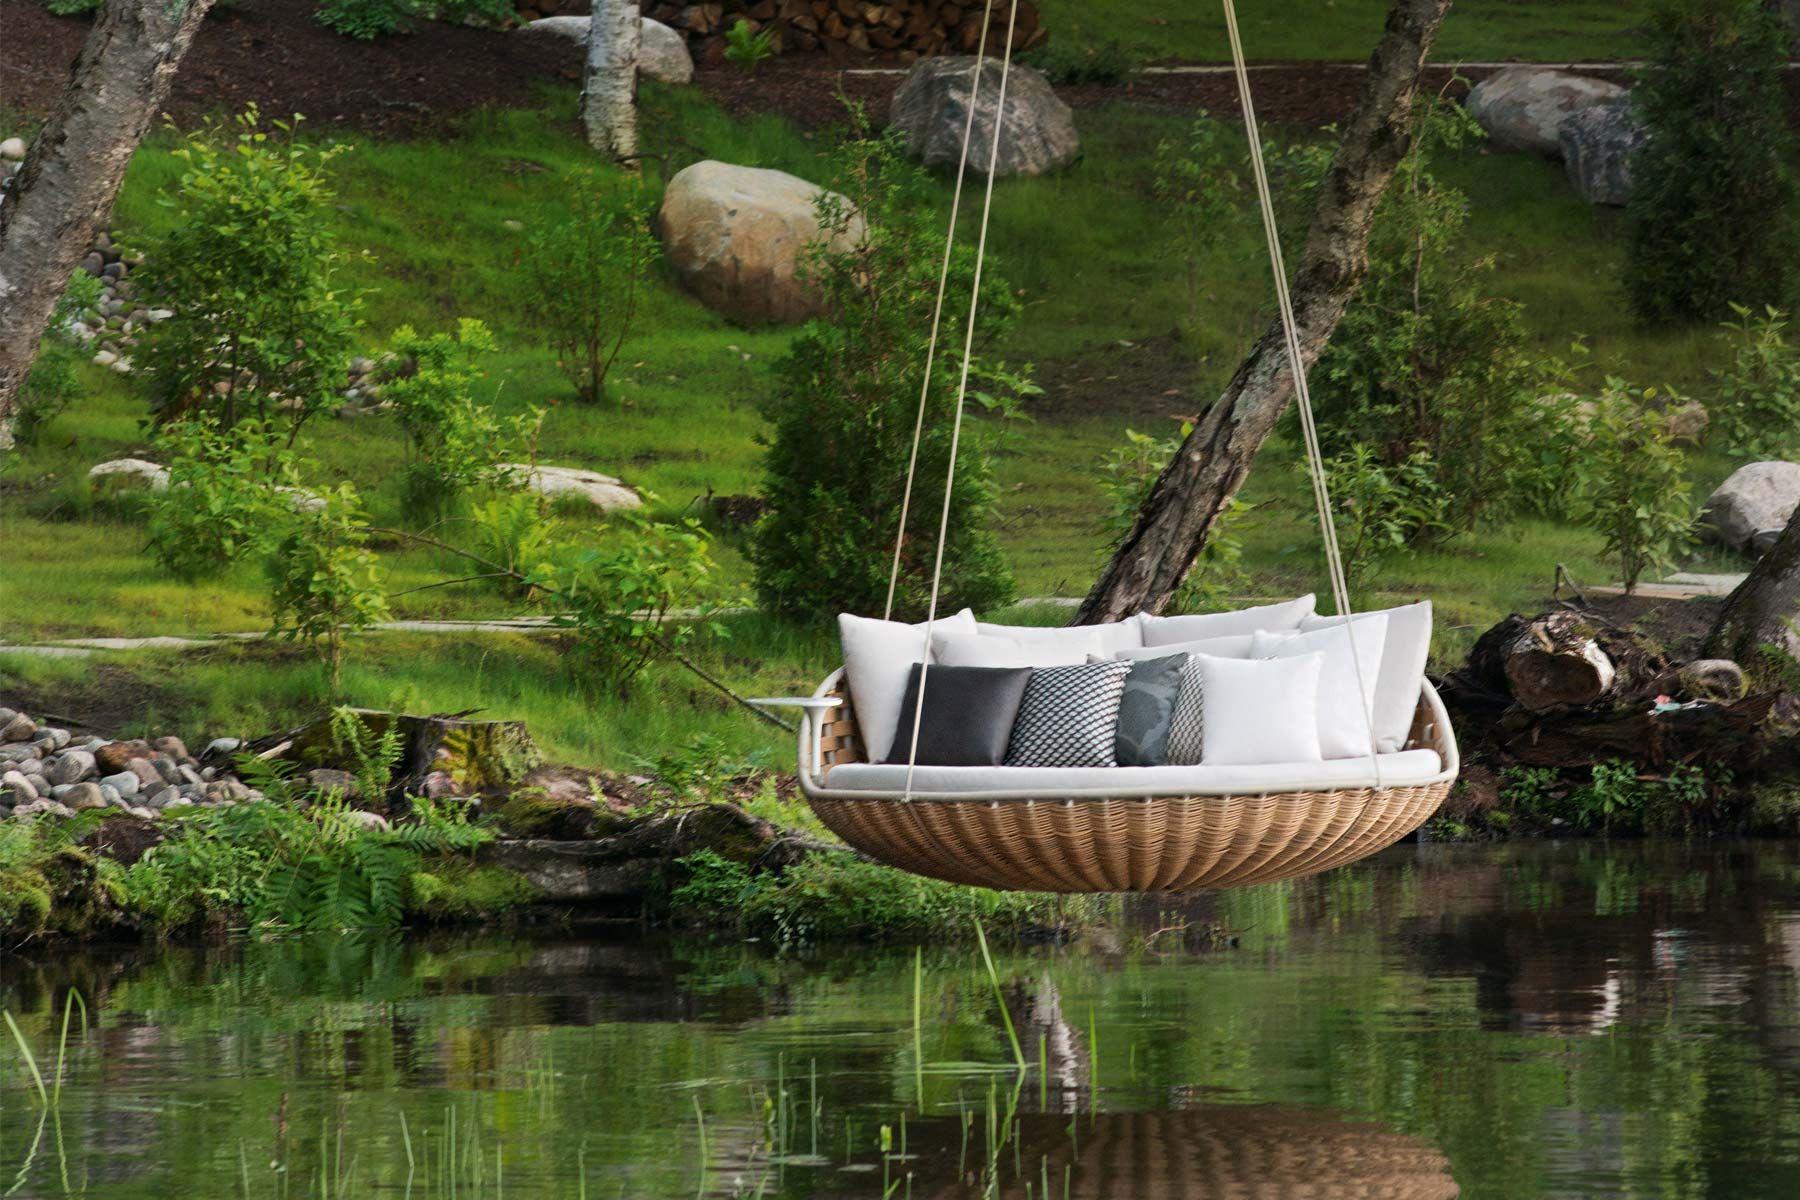 Swingrest Outdoor hanging bed, Water hammock, Dream garden